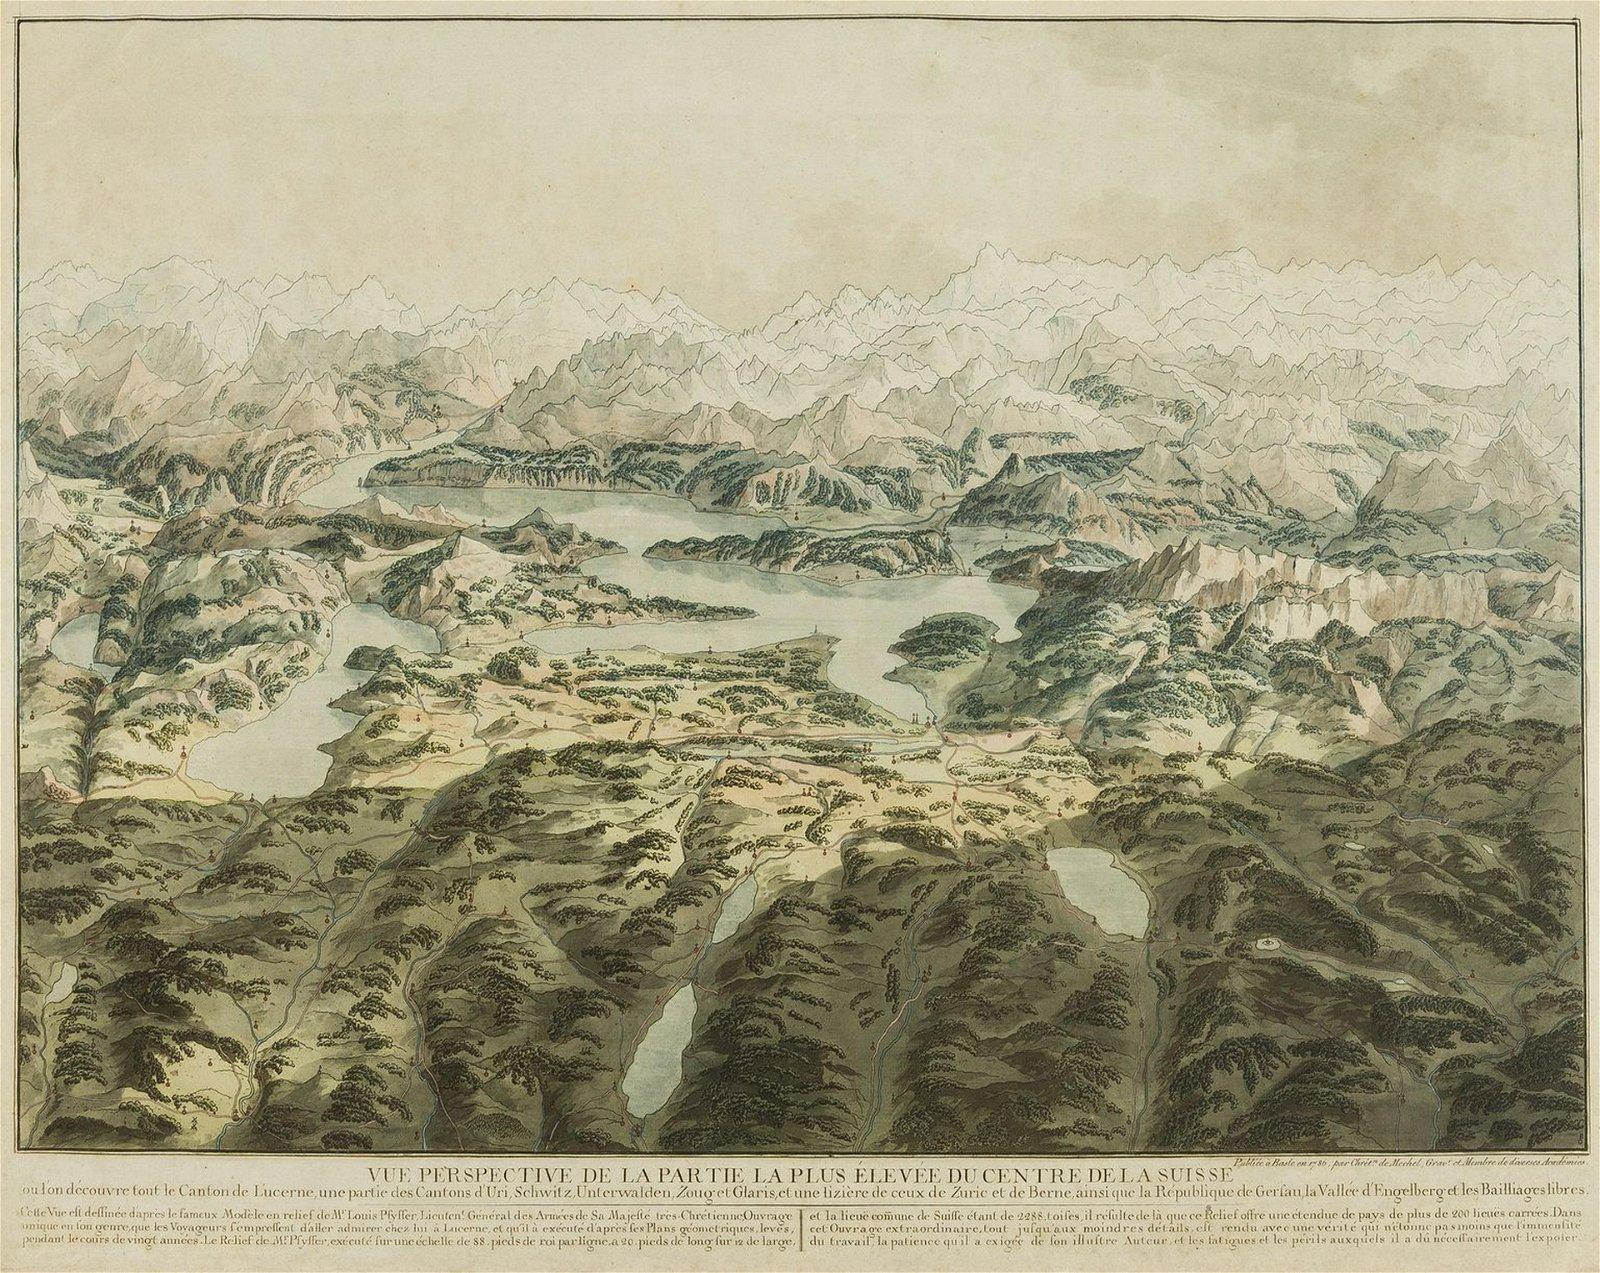 Swiss Alps.- von Mechel (Christian) Vue perspective de